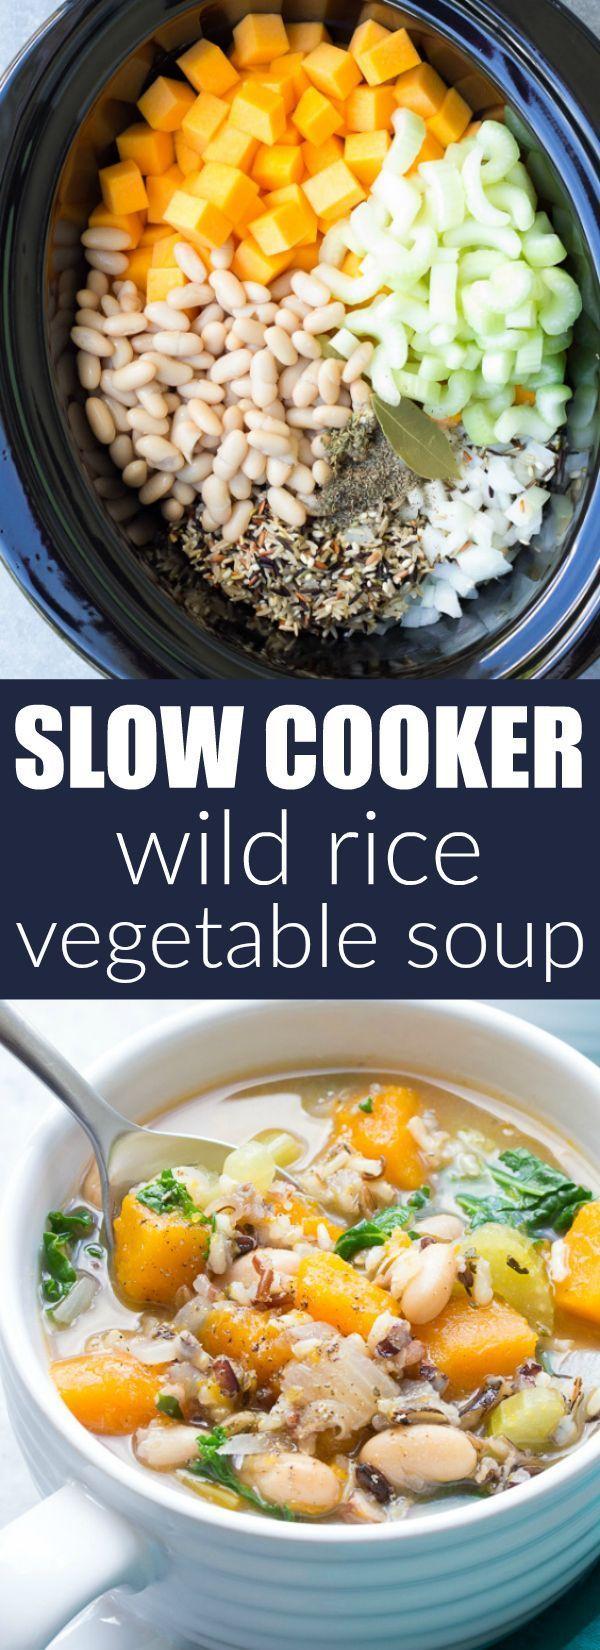 Best 25 Vegetable Soups Ideas On Pinterest Easy Vegetable Soup Veg Soup Recipes And Vegetable Soup Diet